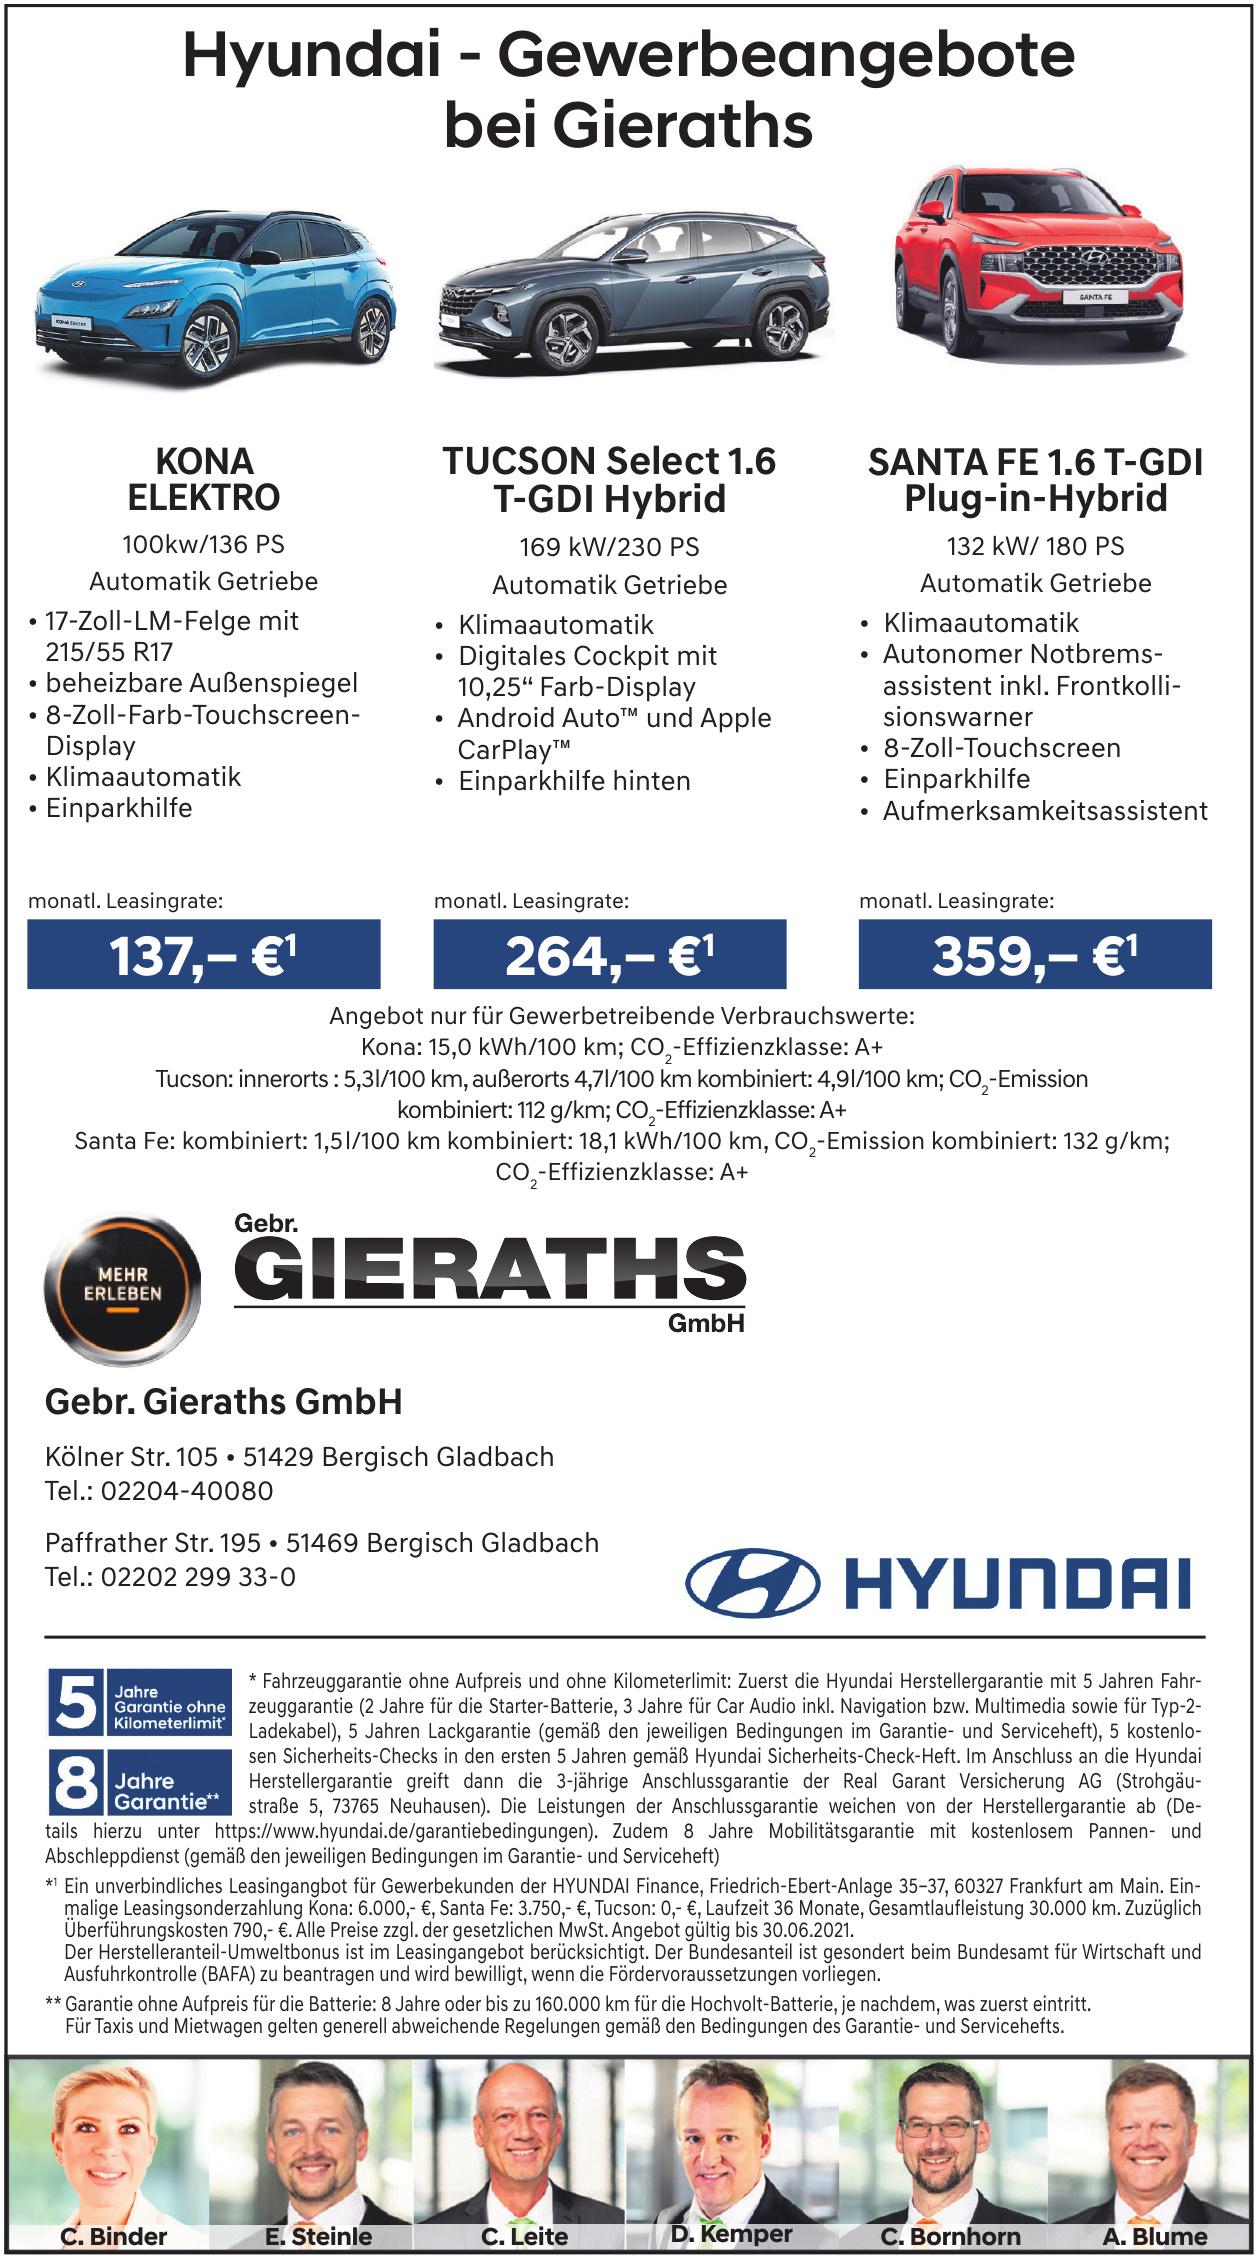 Gebr. Gieraths GmbH